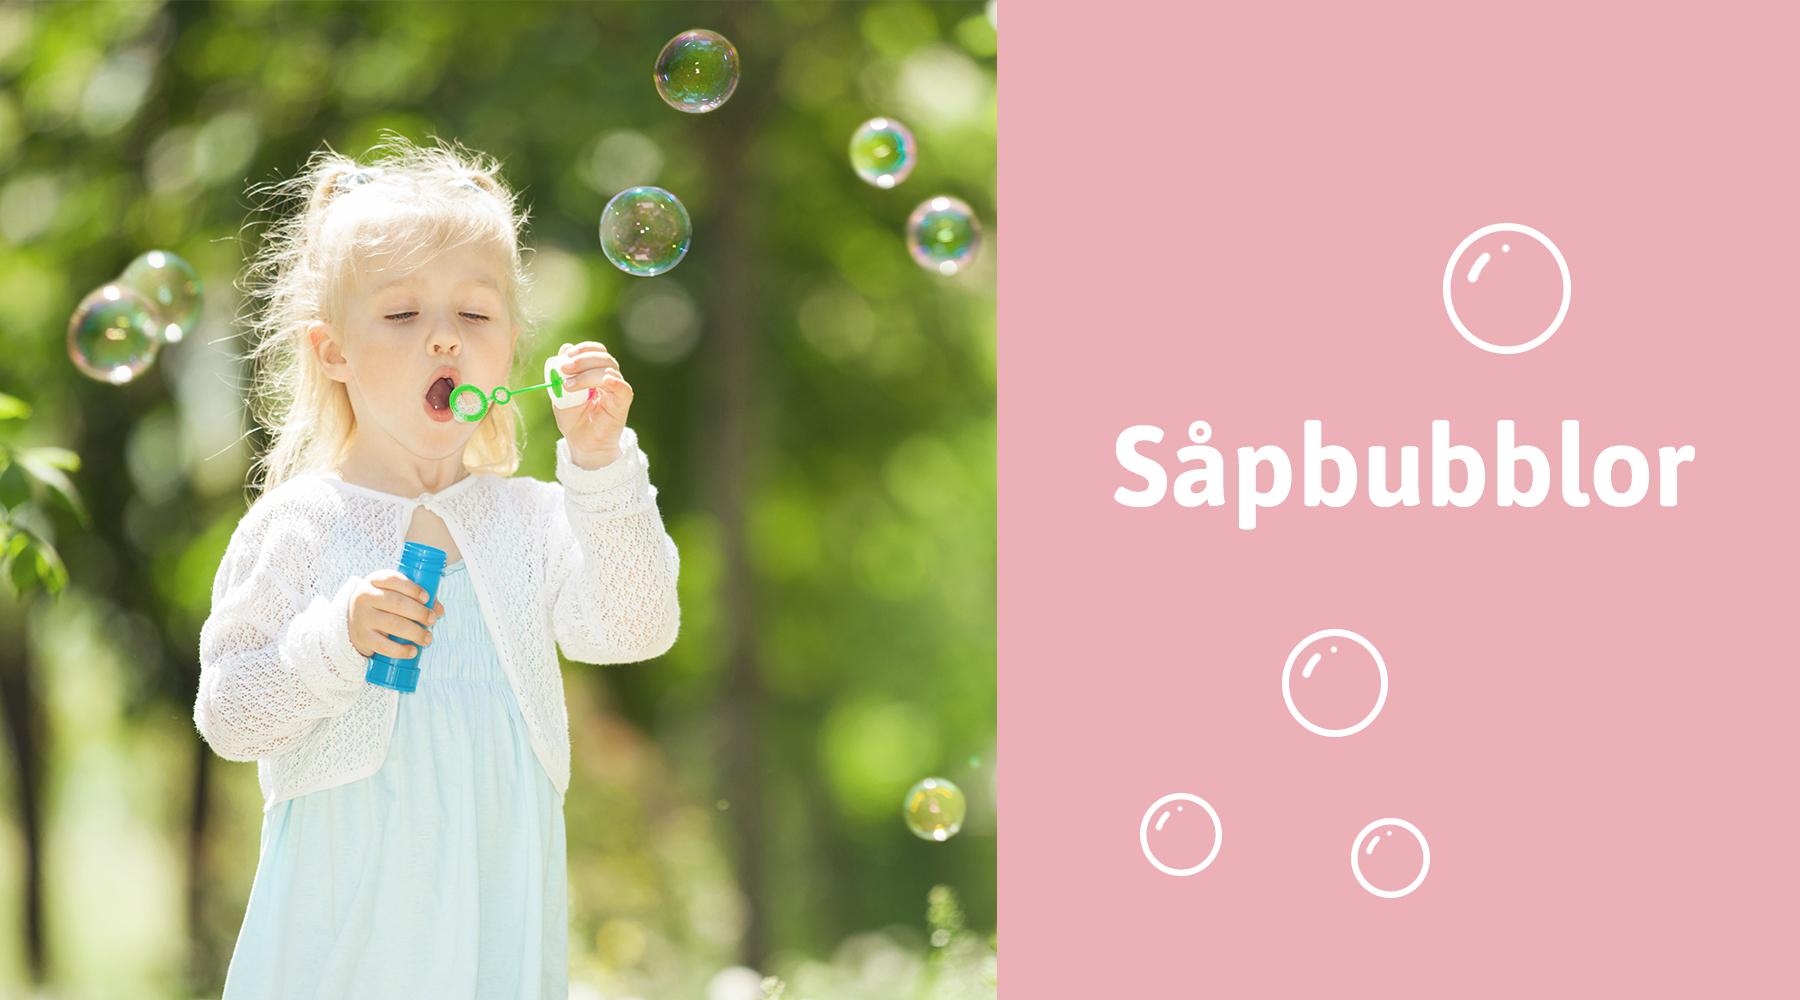 Såpbubblor - Hobby med barn